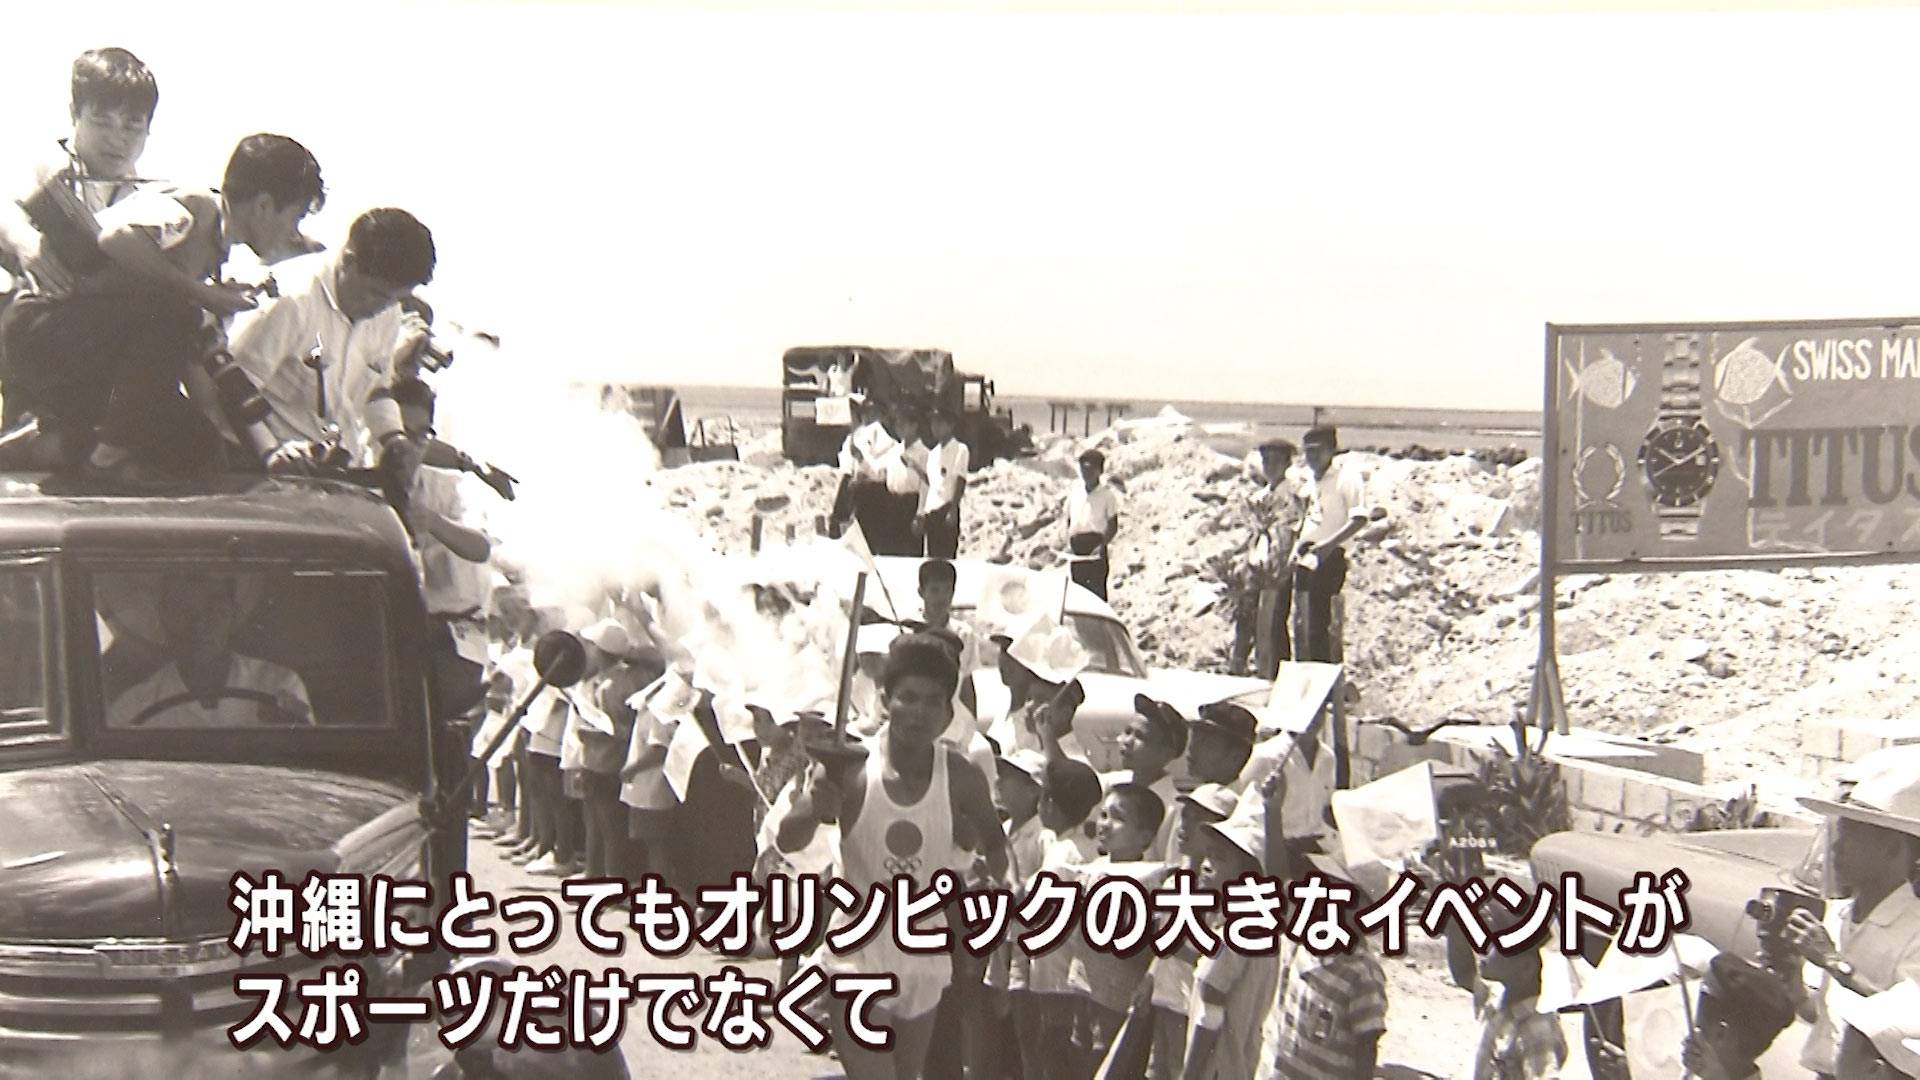 沖縄の社会にも影響を与えるような大きなエネルギーとなるような大会になってほしいとそう思いますね。